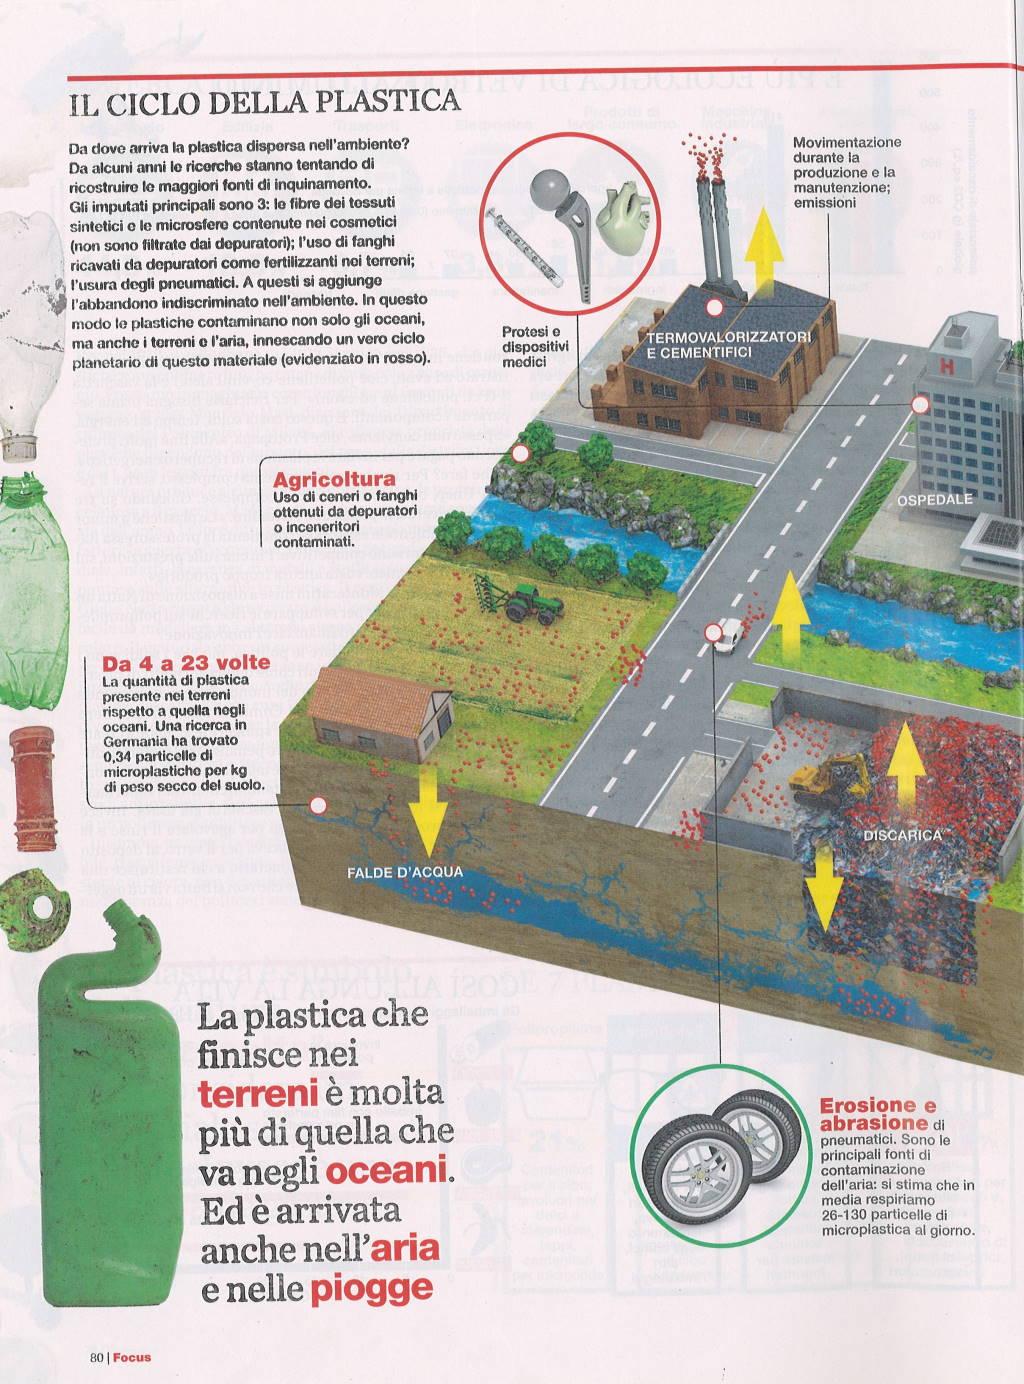 Inquinamento plastica focus 6